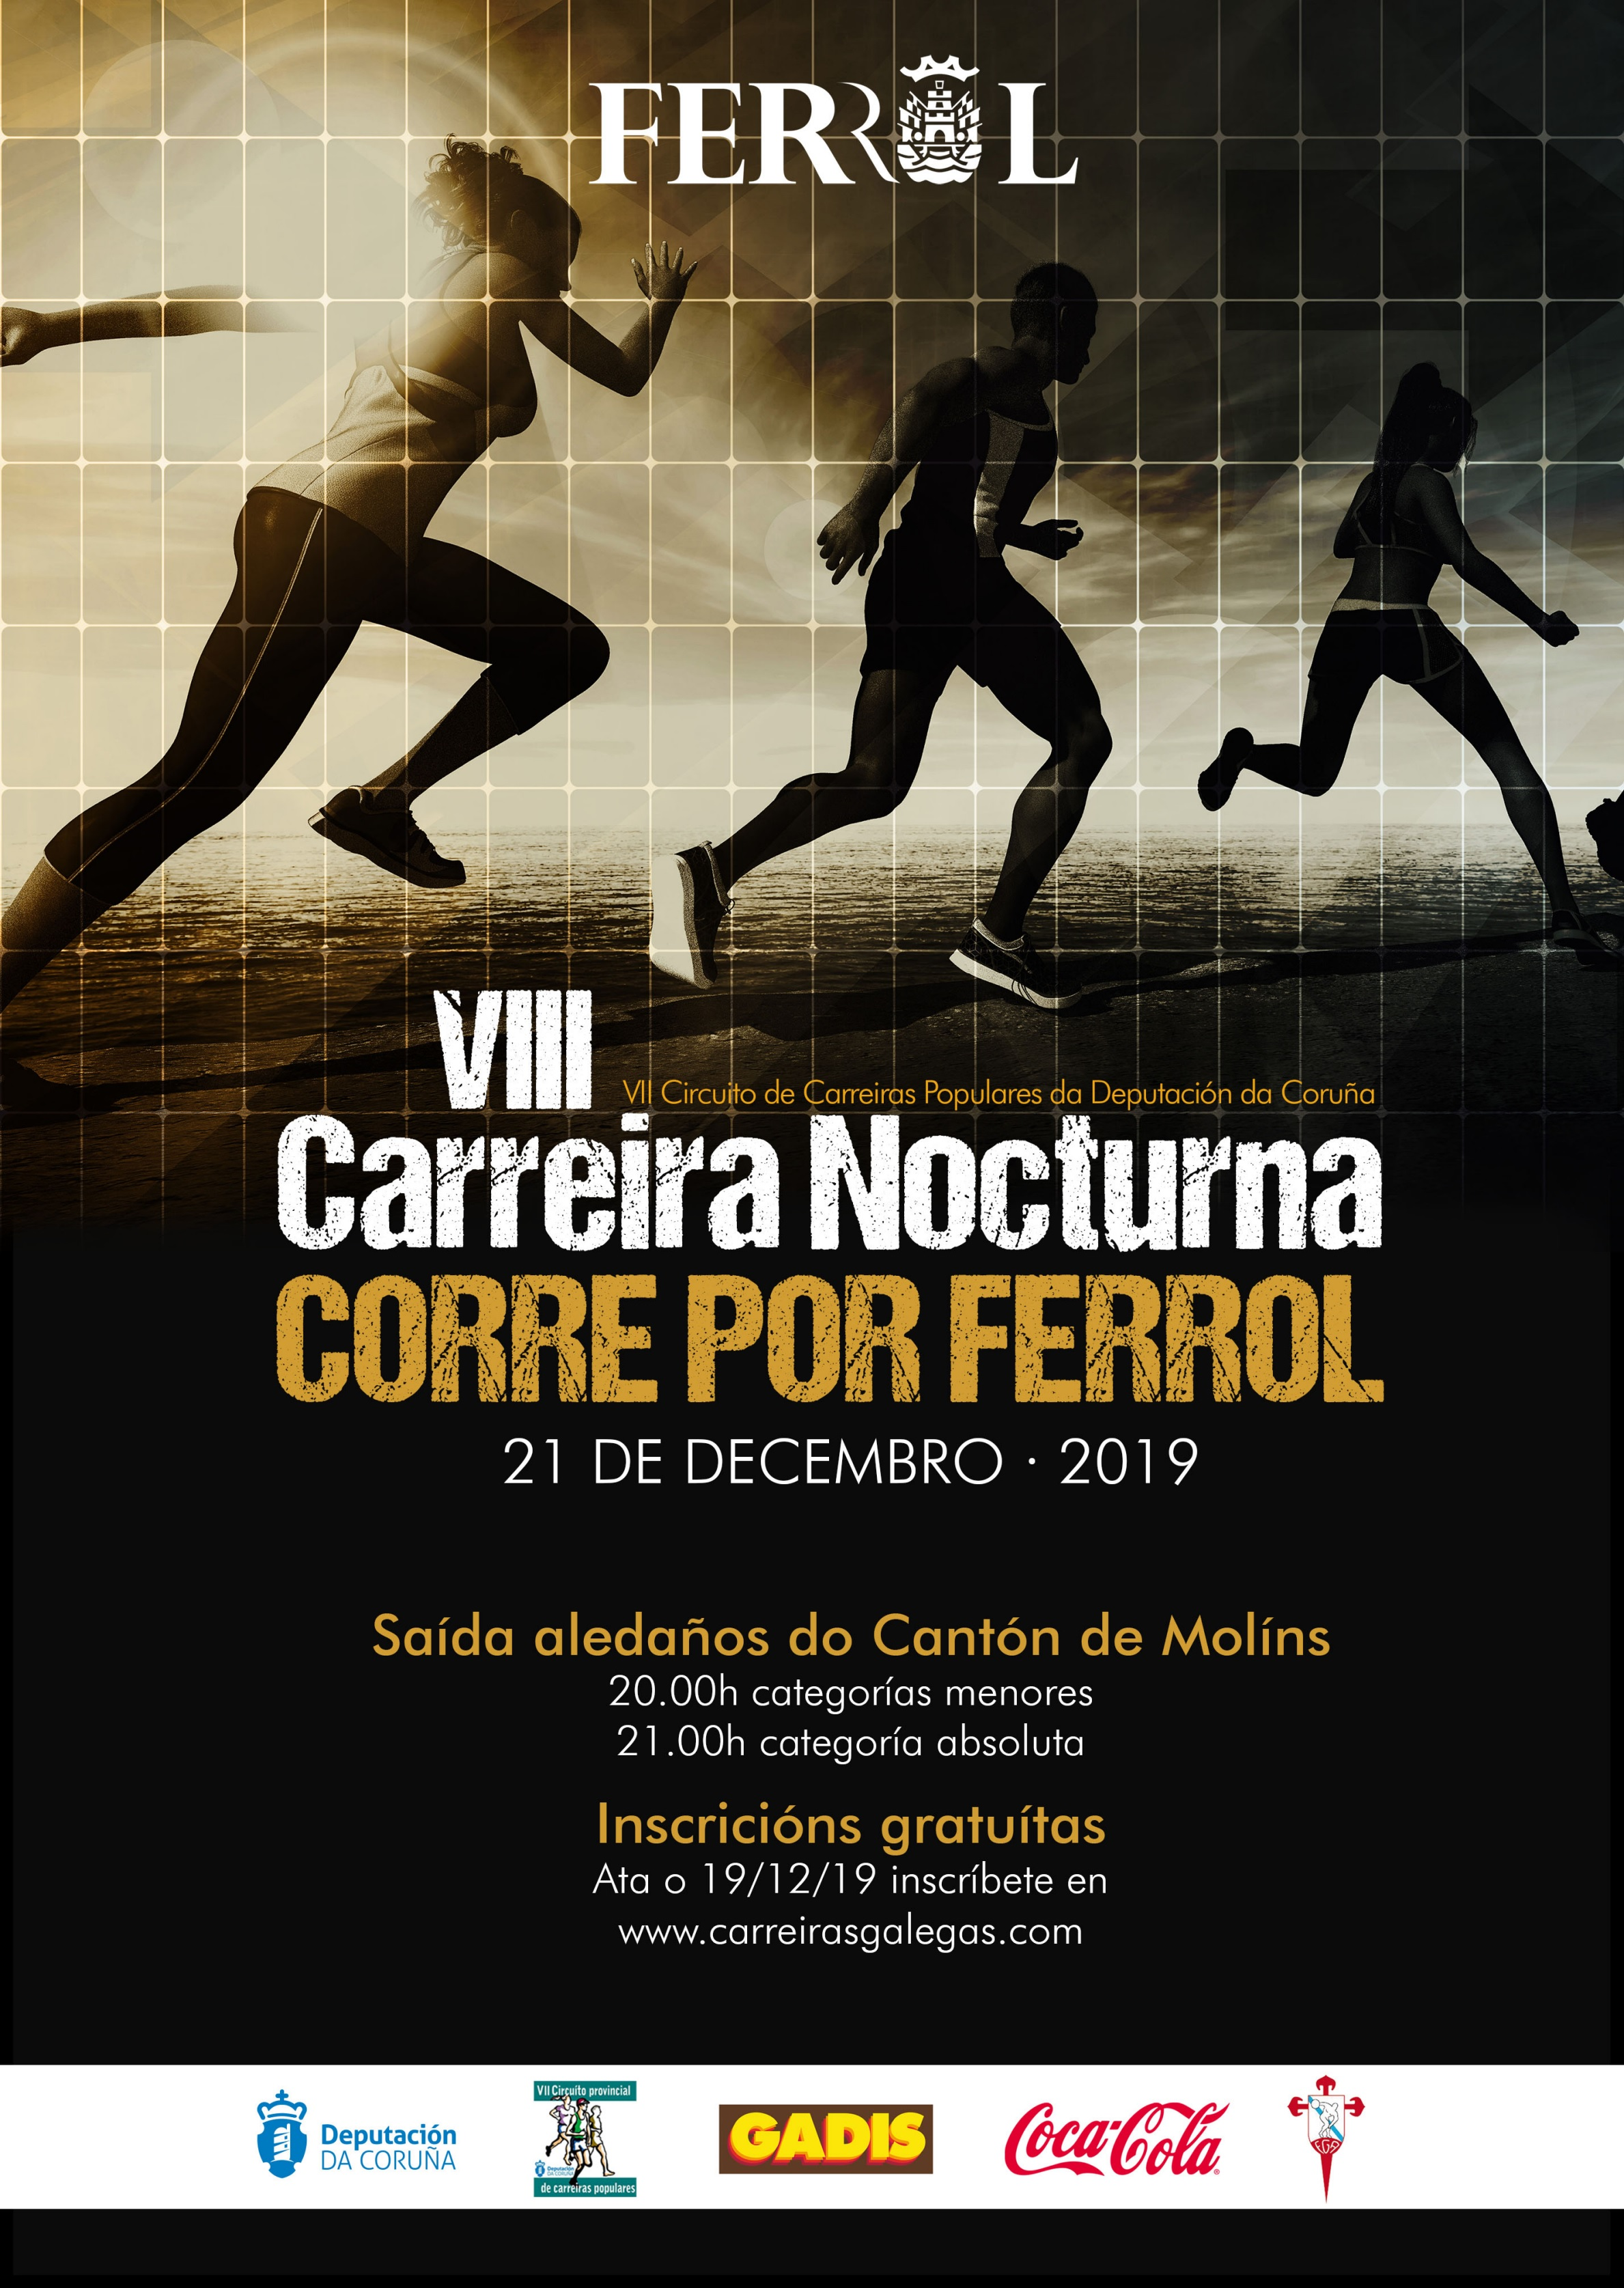 VIII Carreira Nocturna Corre por Ferrol – APRAZADA